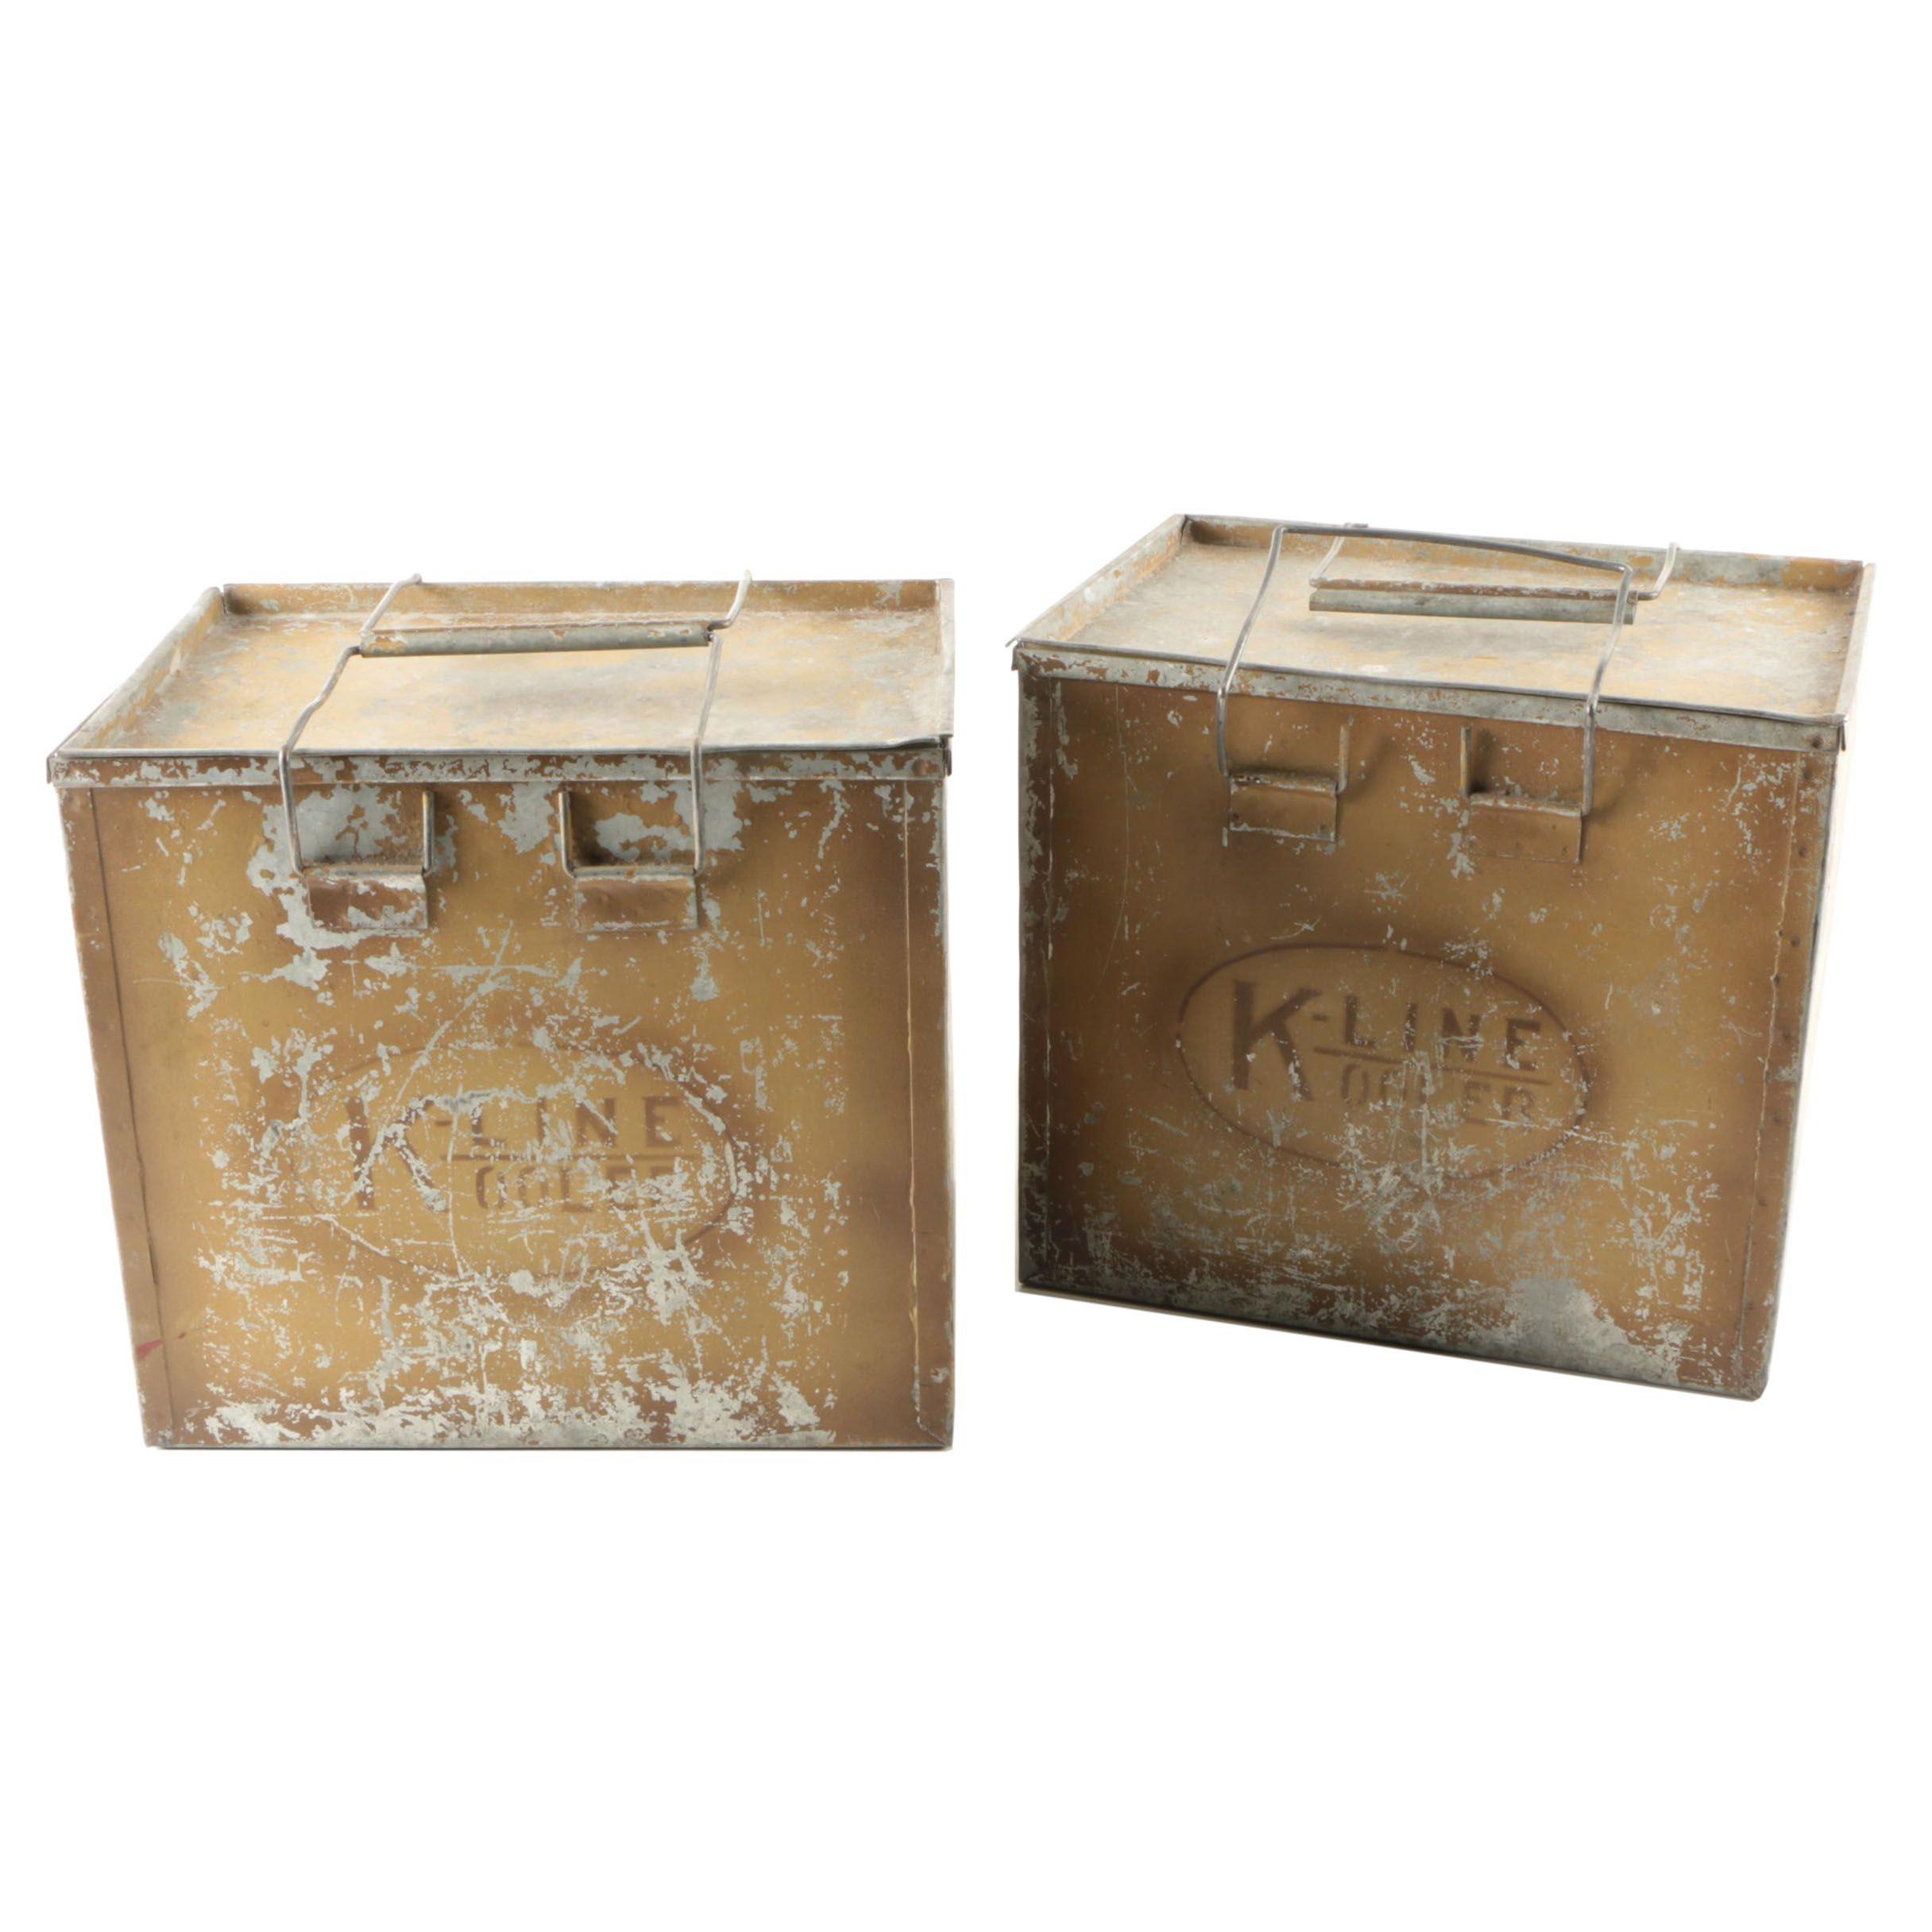 Vintage K-Line Milk Coolers